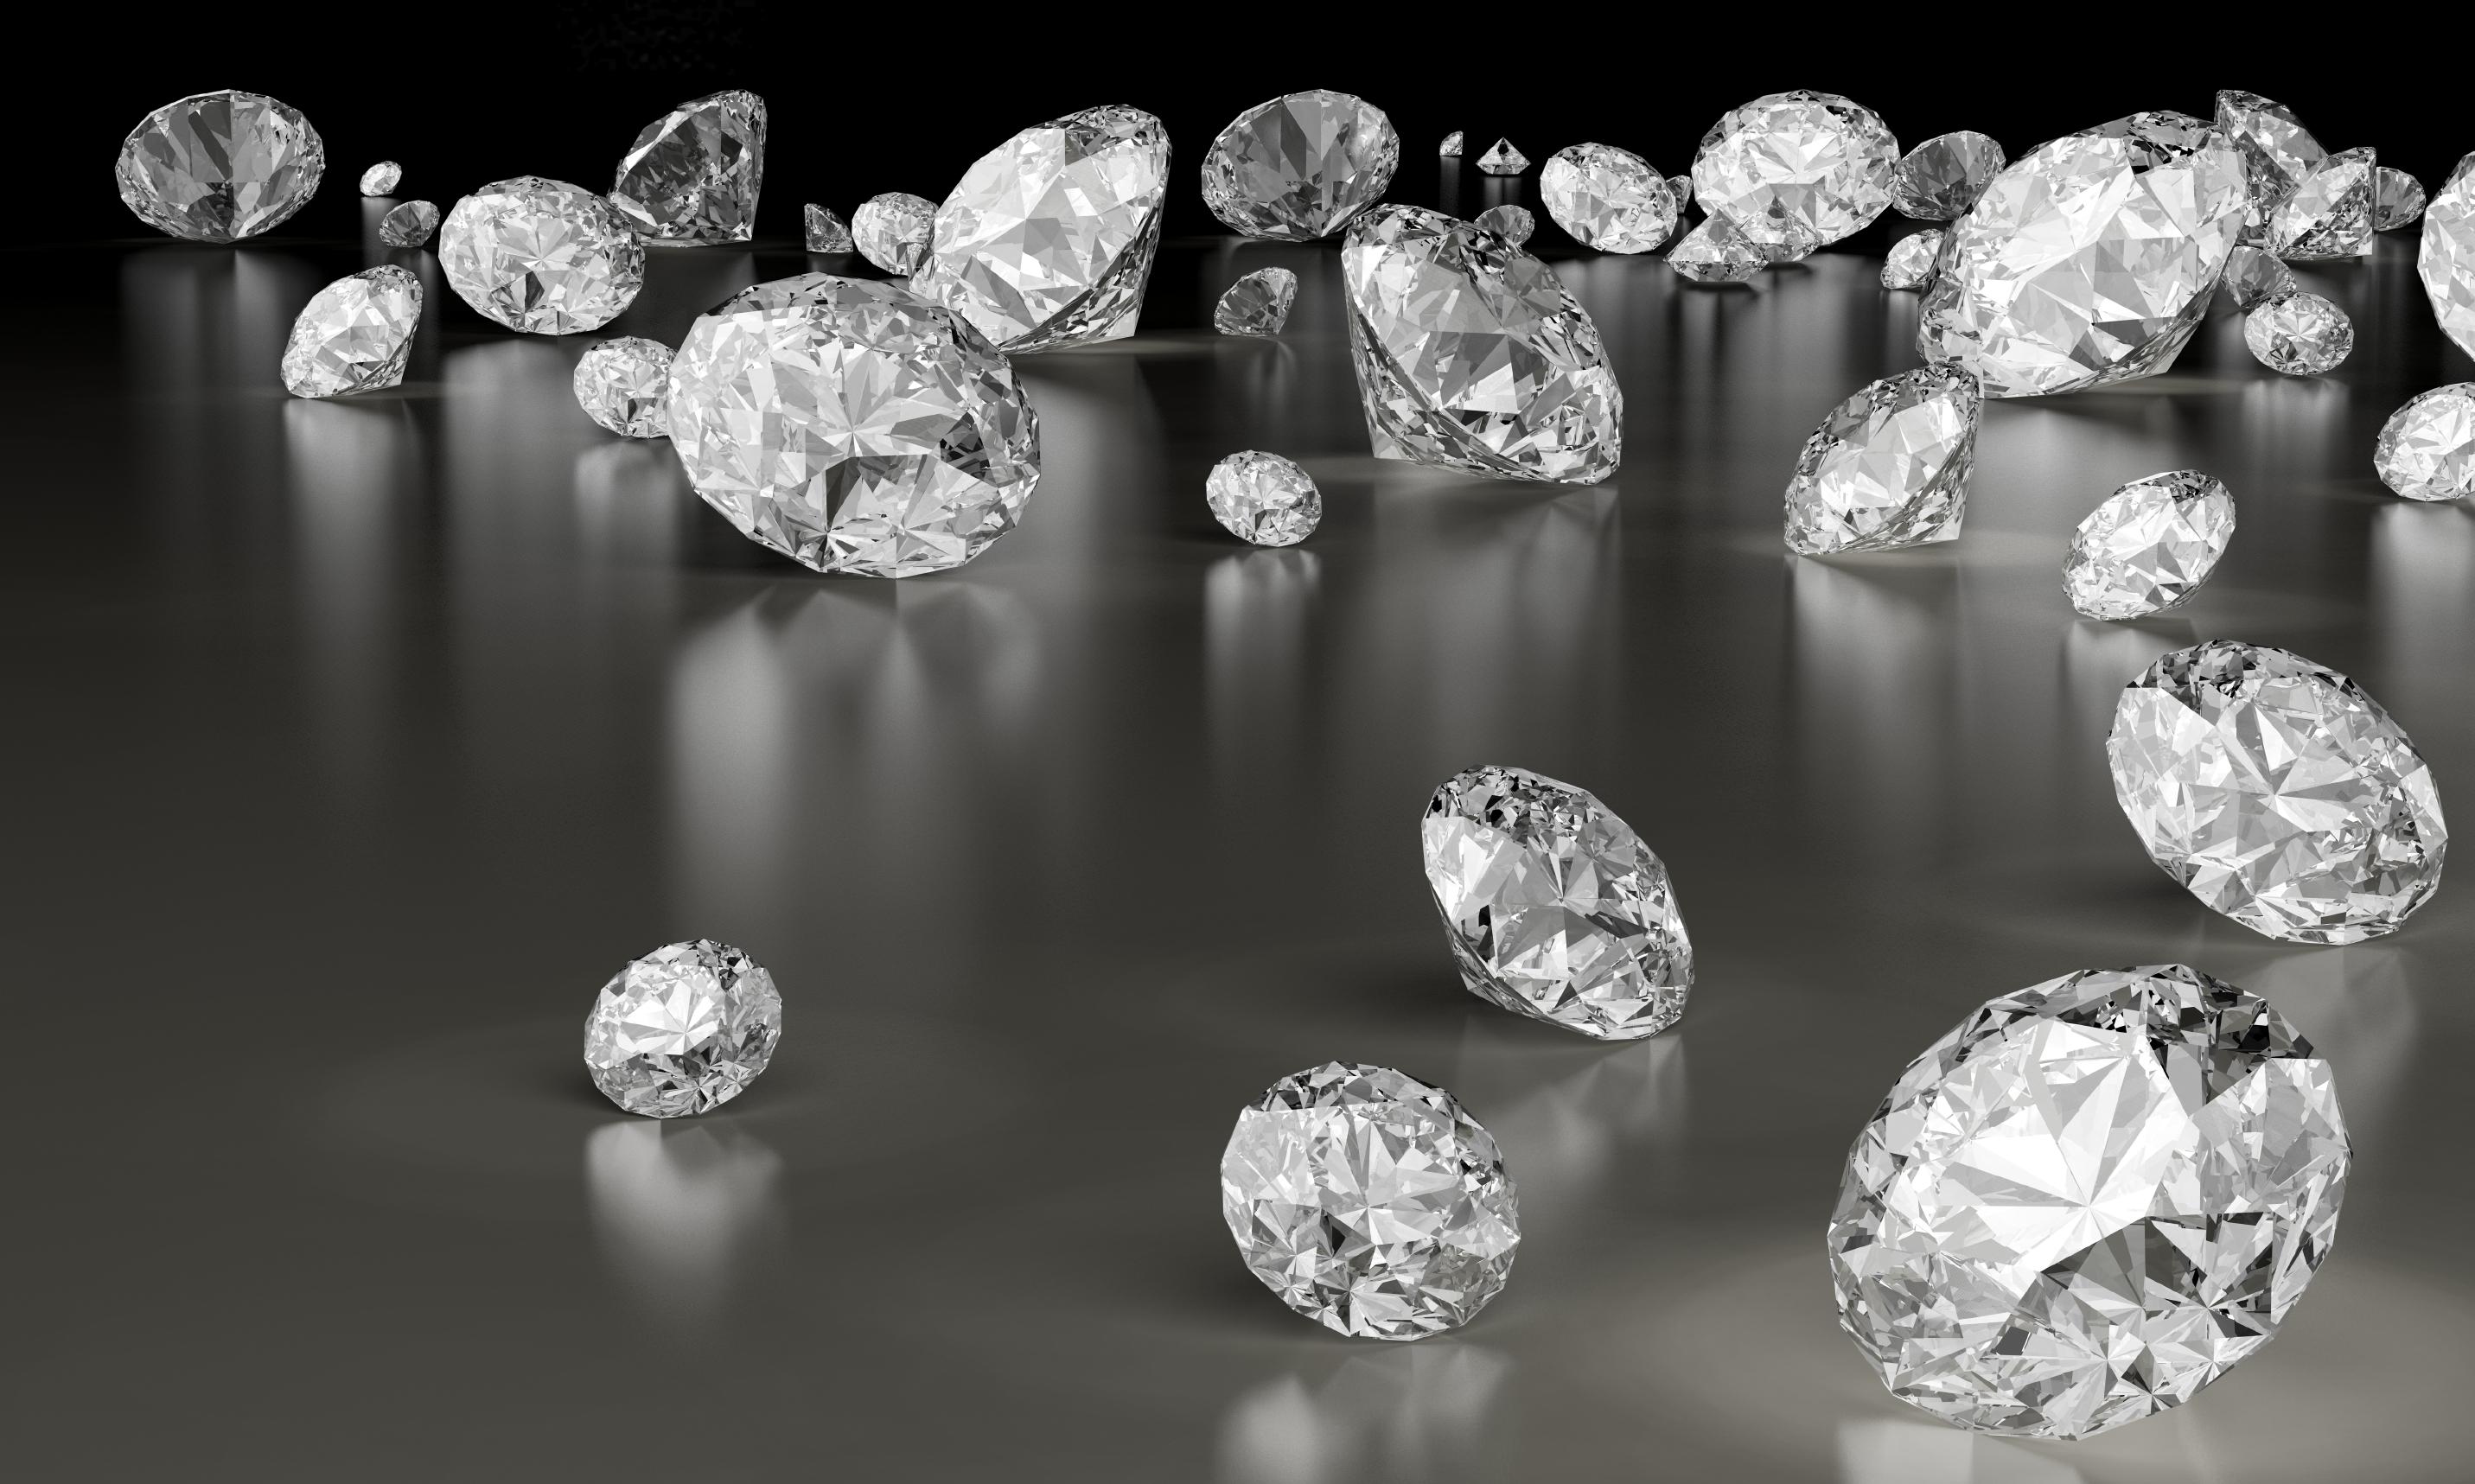 Deimantas – jo kainą kelia ne kaina, o emocijos